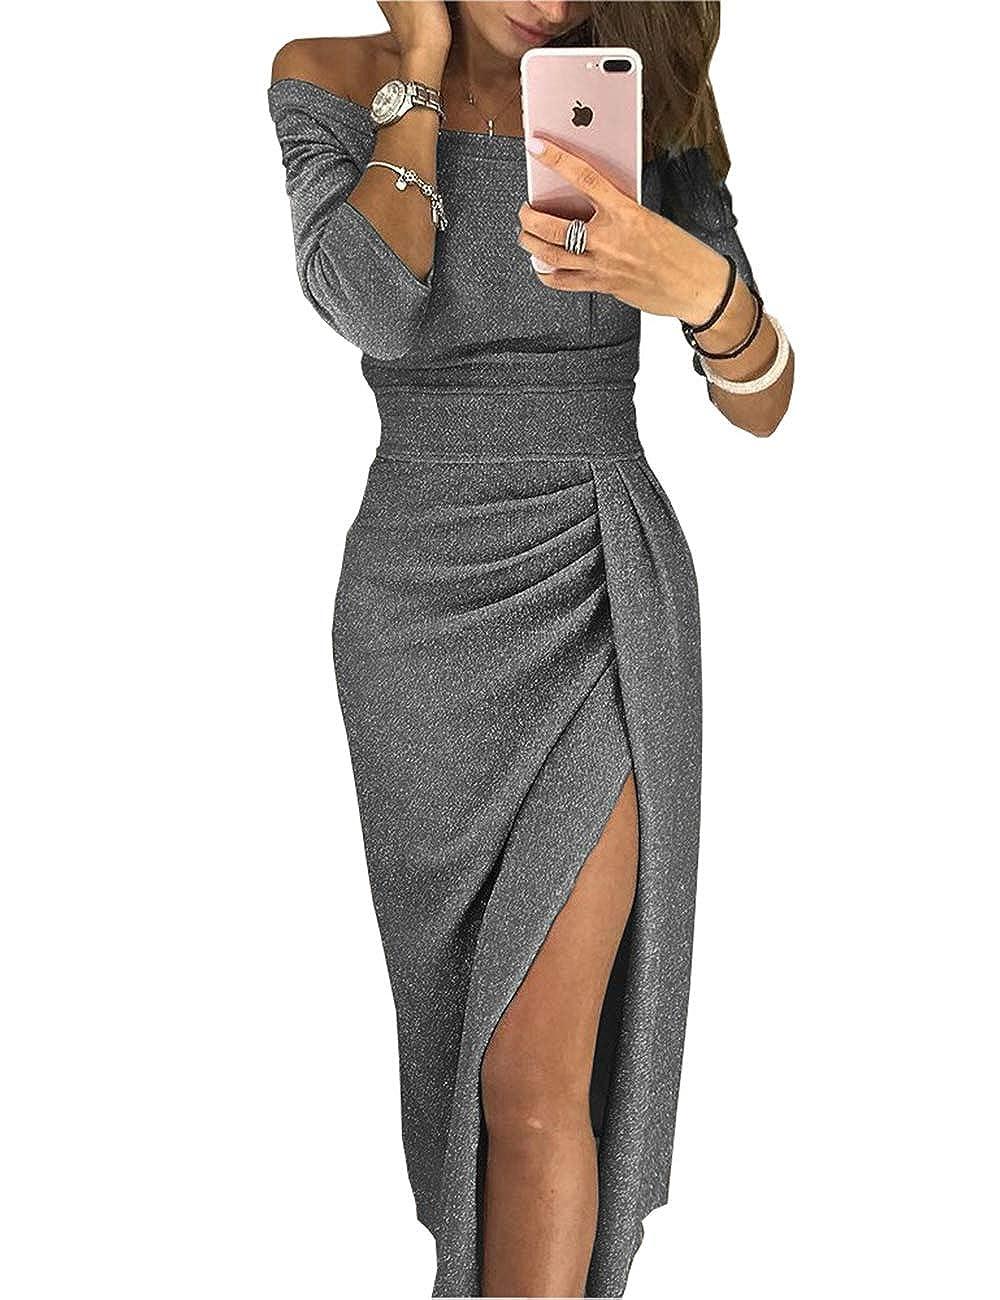 da0c1492760df Lrud Mujeres Shiny Off Shoulder Ranura De Muslo Fruncido Sexy Midi Vestidos  de Fiesta  Amazon.es  Ropa y accesorios